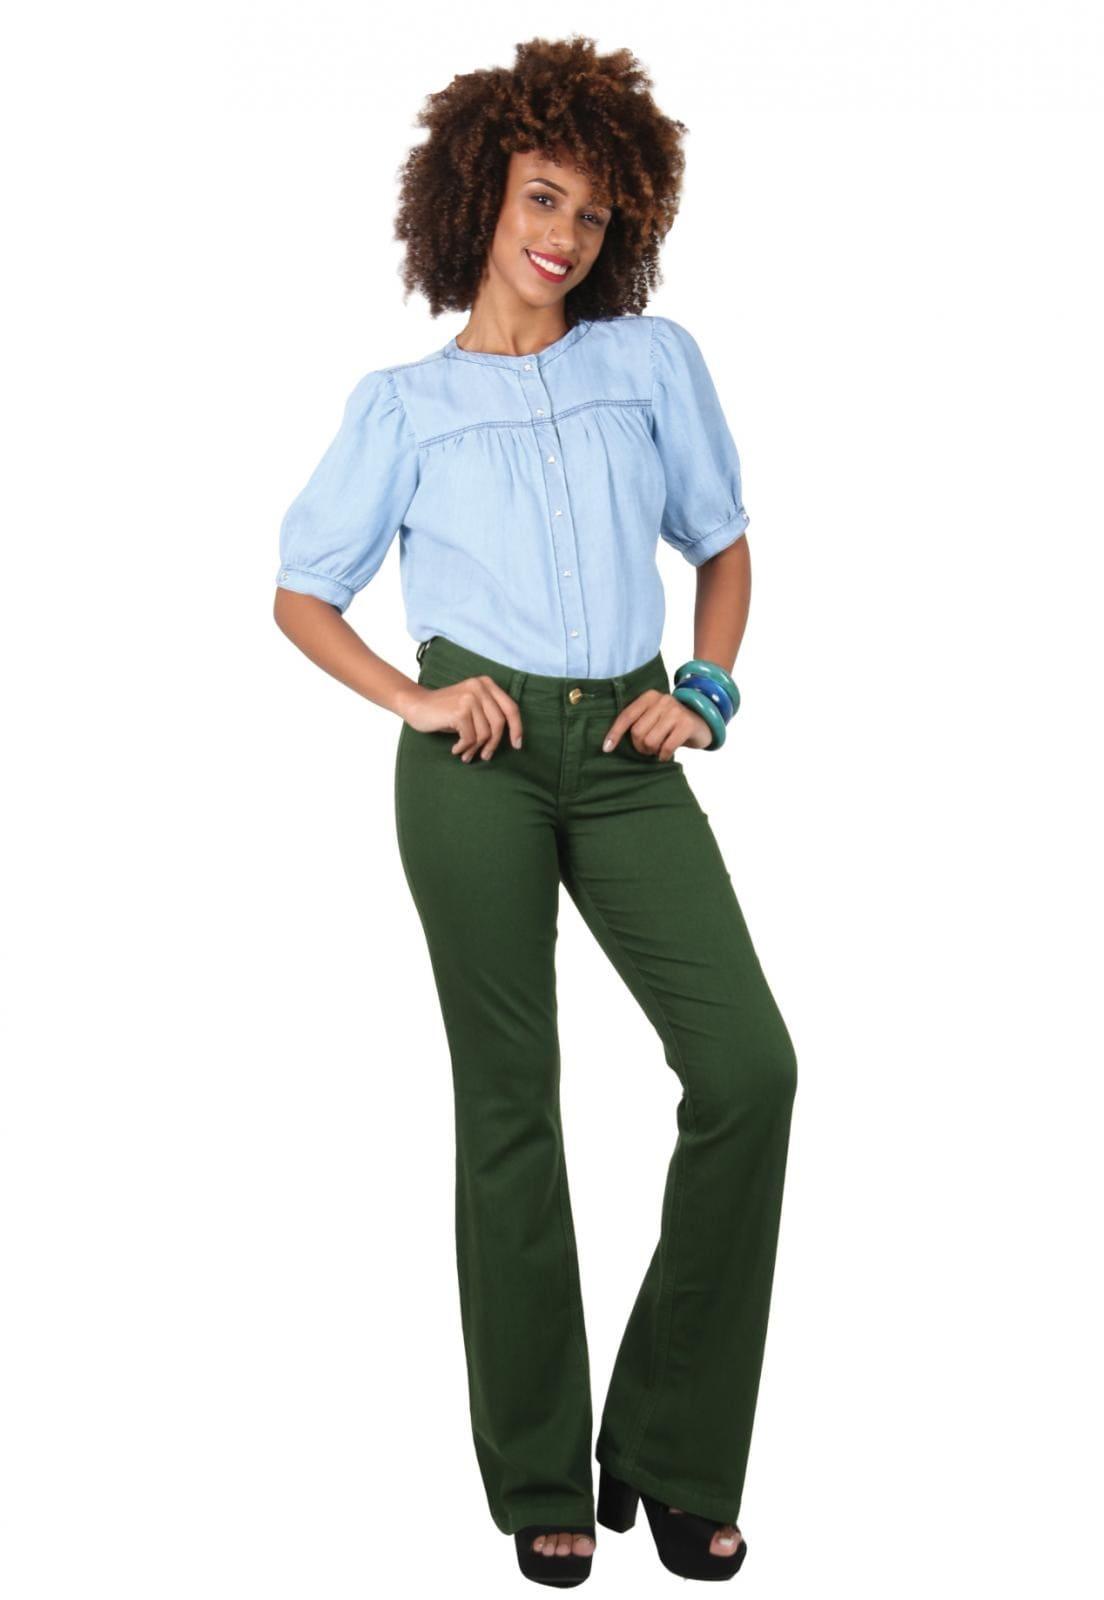 Calça Feminina Tradicional Flare Verde Militar